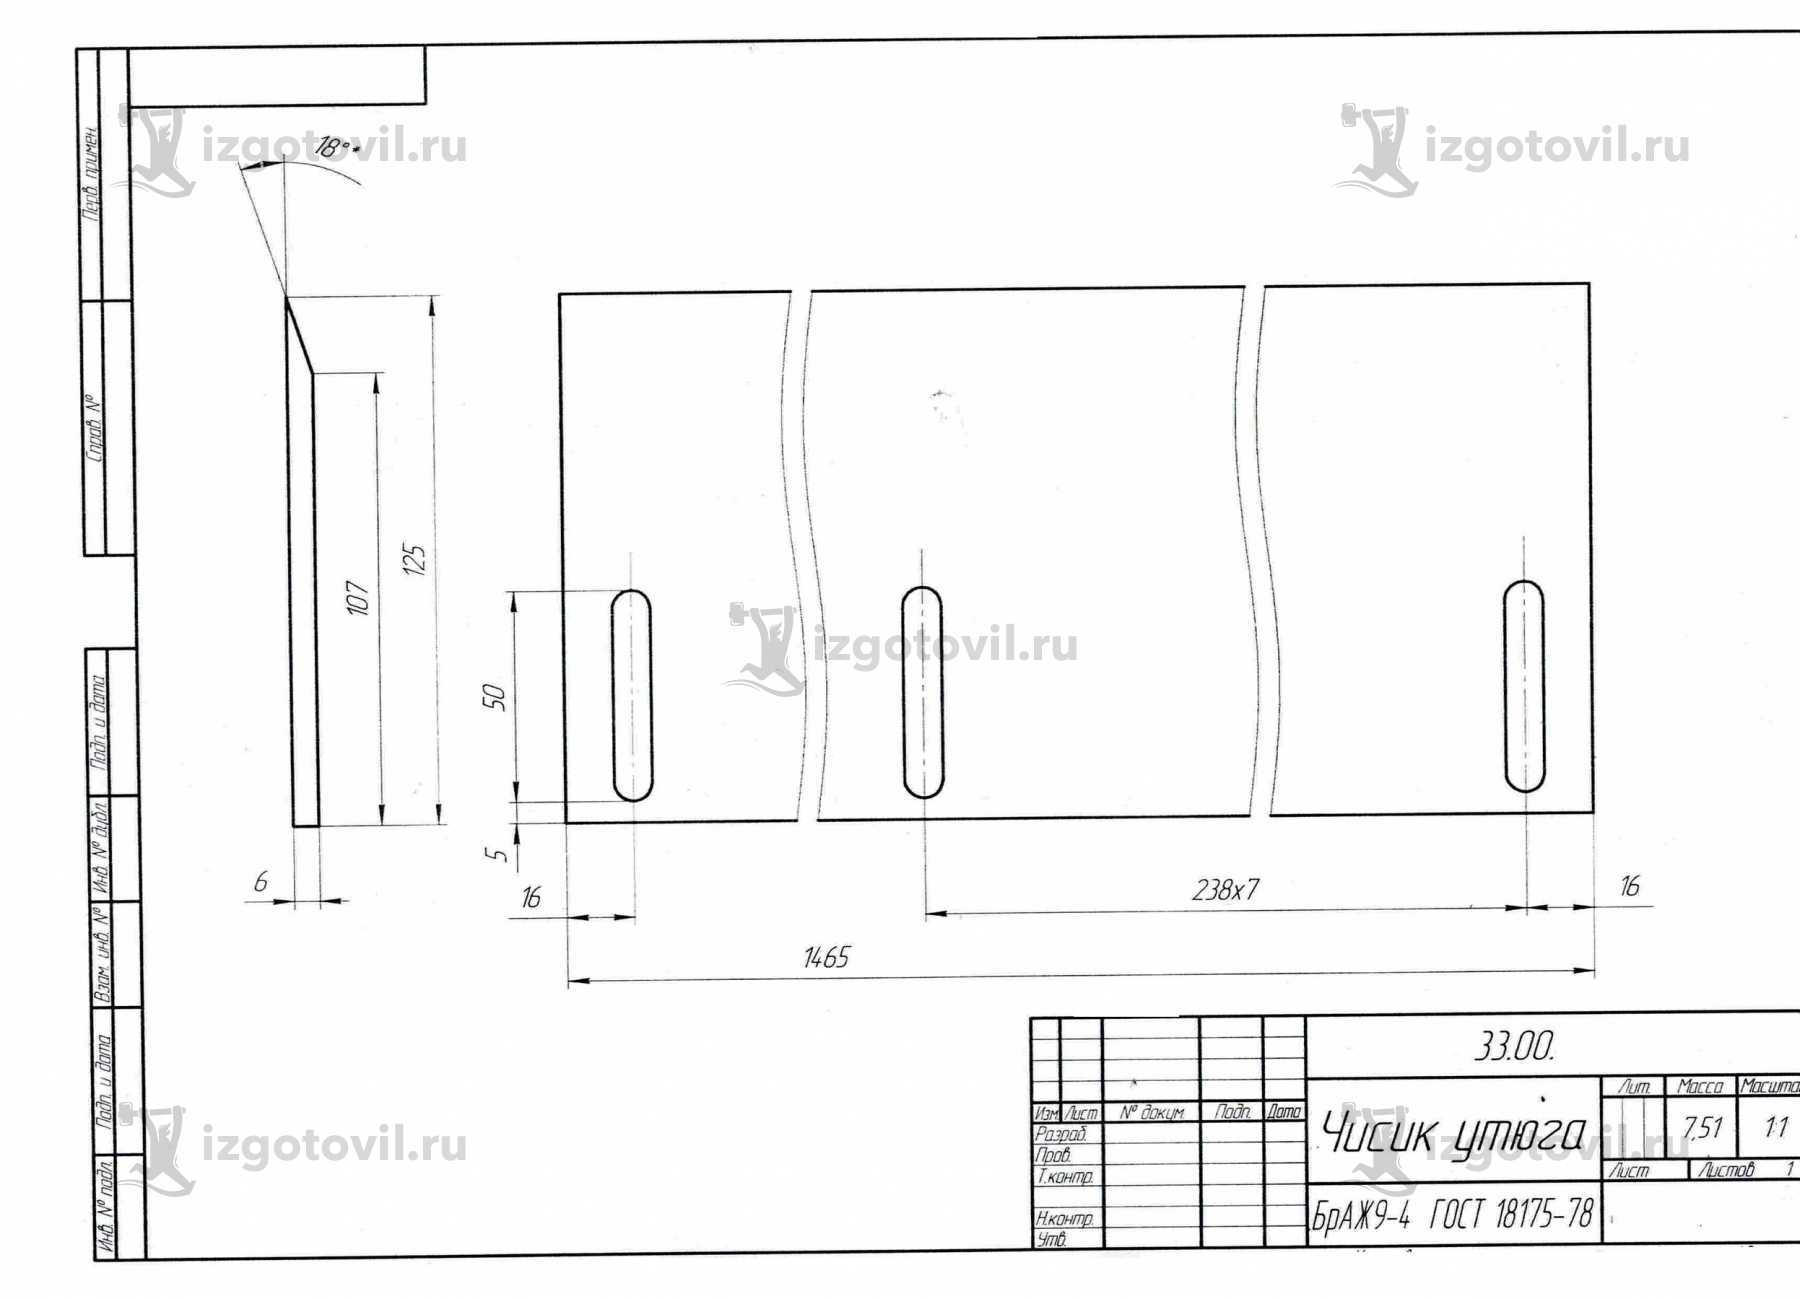 Изготовление деталей по чертежам - изготовление чистика, плиты